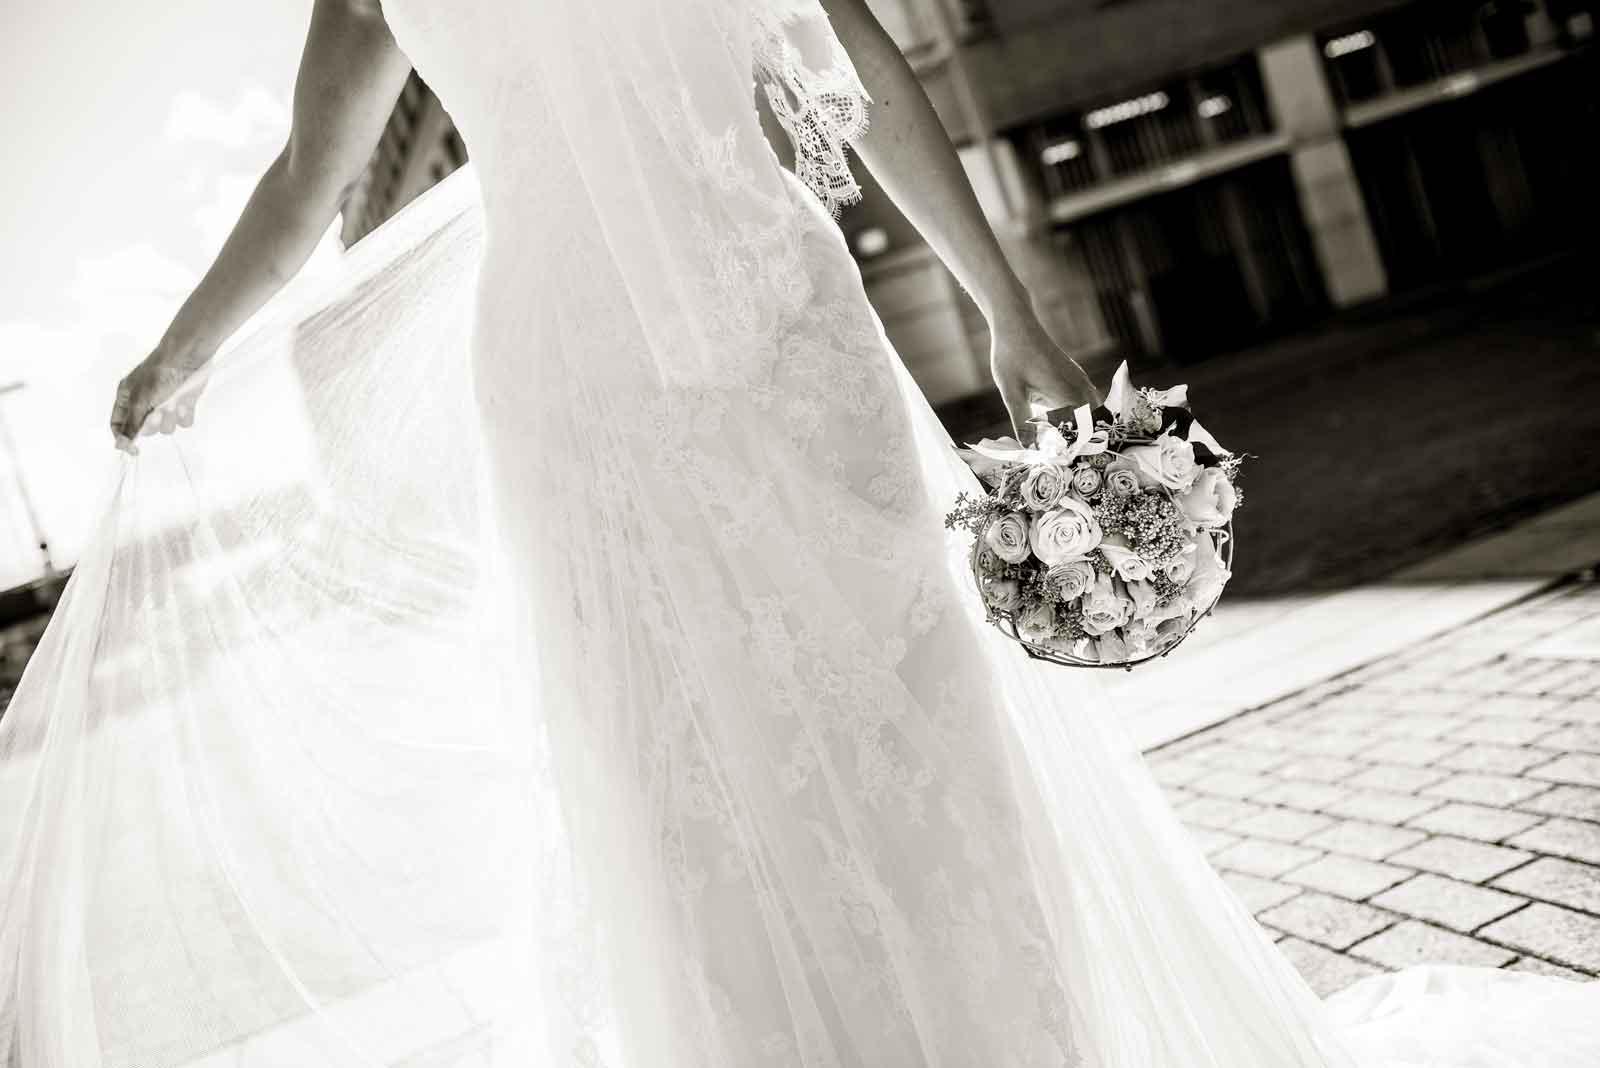 Prachtig doorschijnende bruidsjurk bij Bonnefanten Museum zwart-wit foto